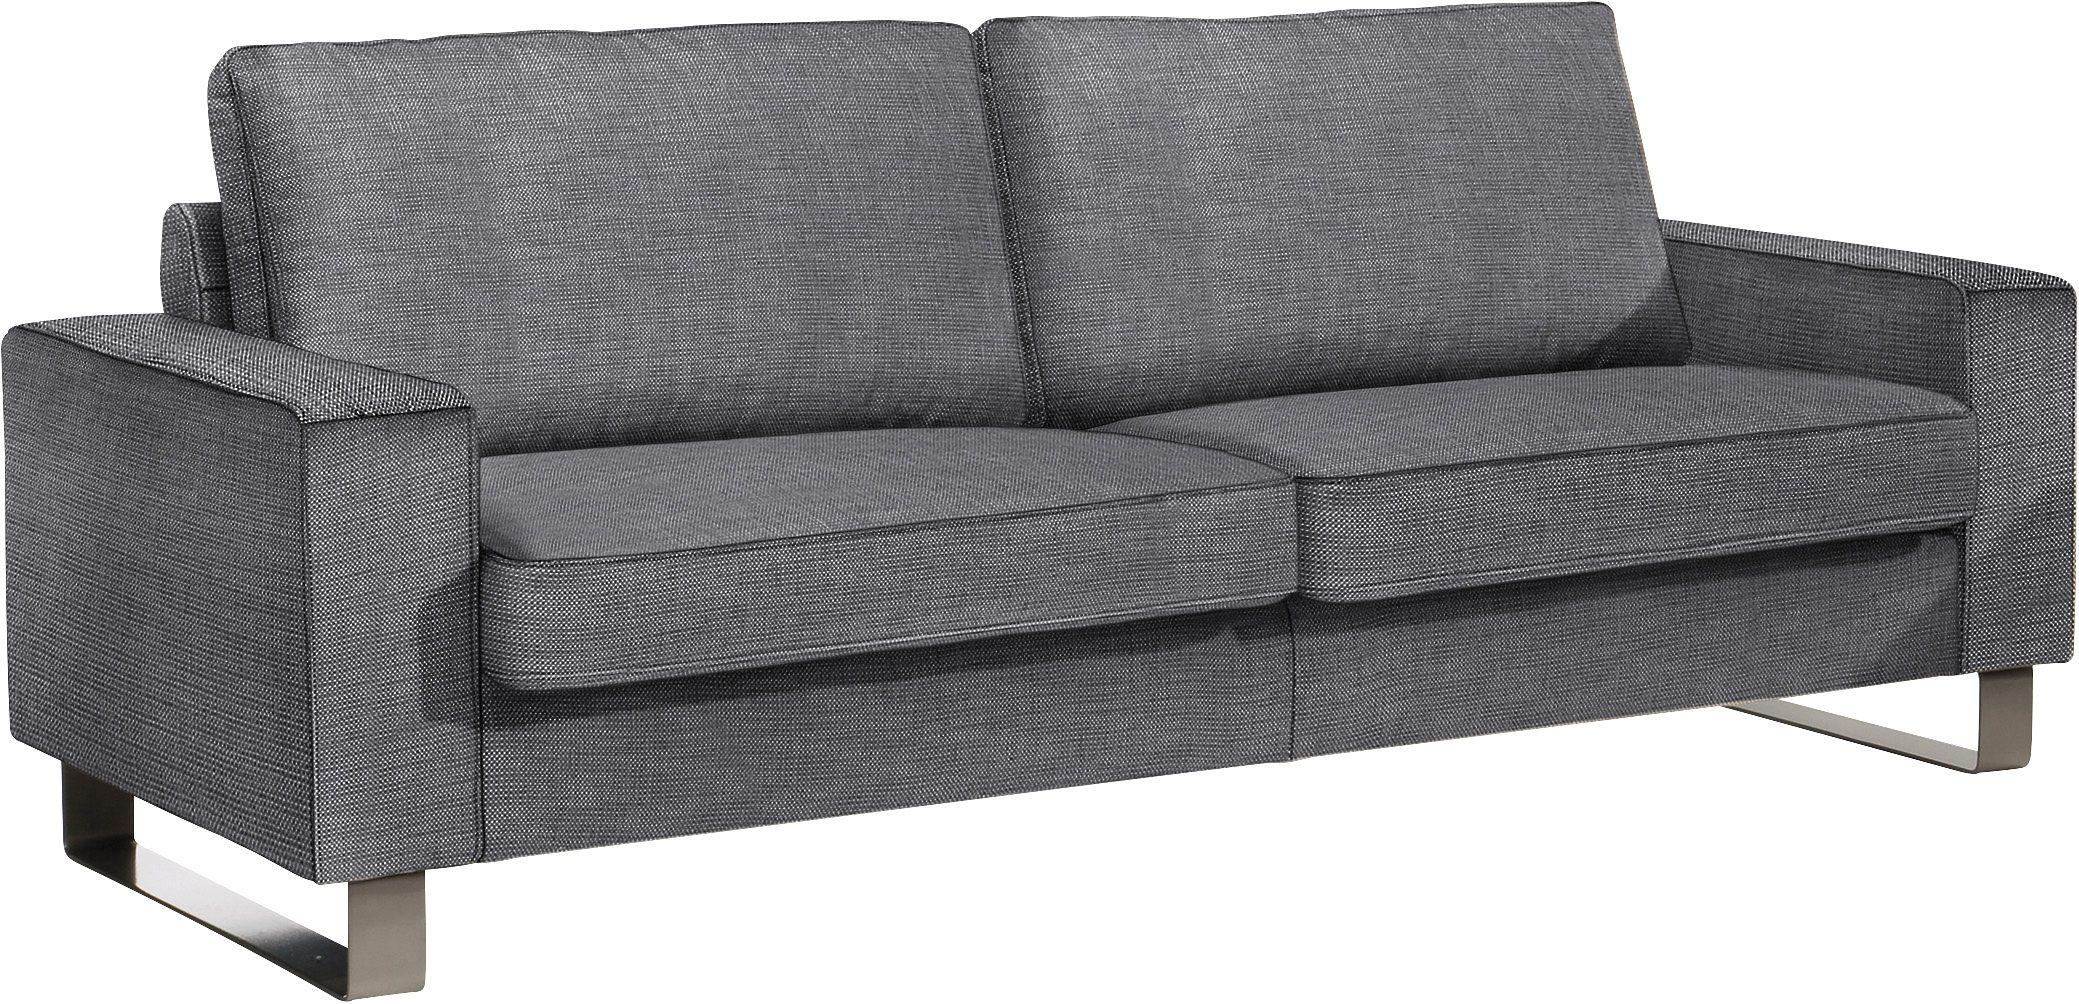 2sitzer sofa mit inspiration sitzer sofa mit und sofas online bei sconto kaufen mbel with. Black Bedroom Furniture Sets. Home Design Ideas